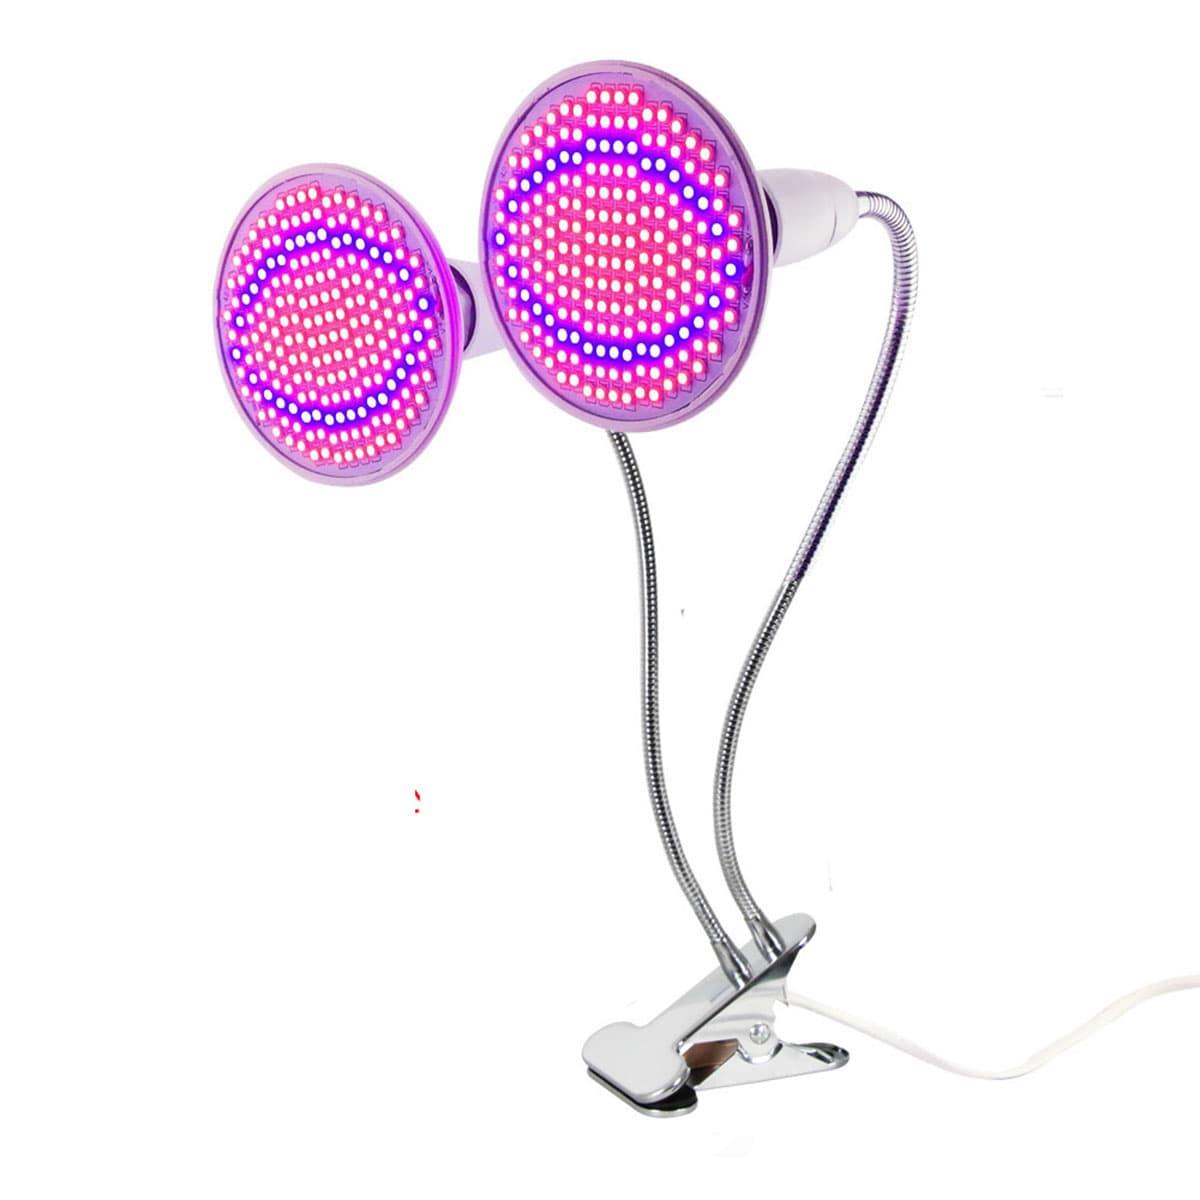 bóng đèn sử dụng cho đế kẹp không được vượt quá 100w